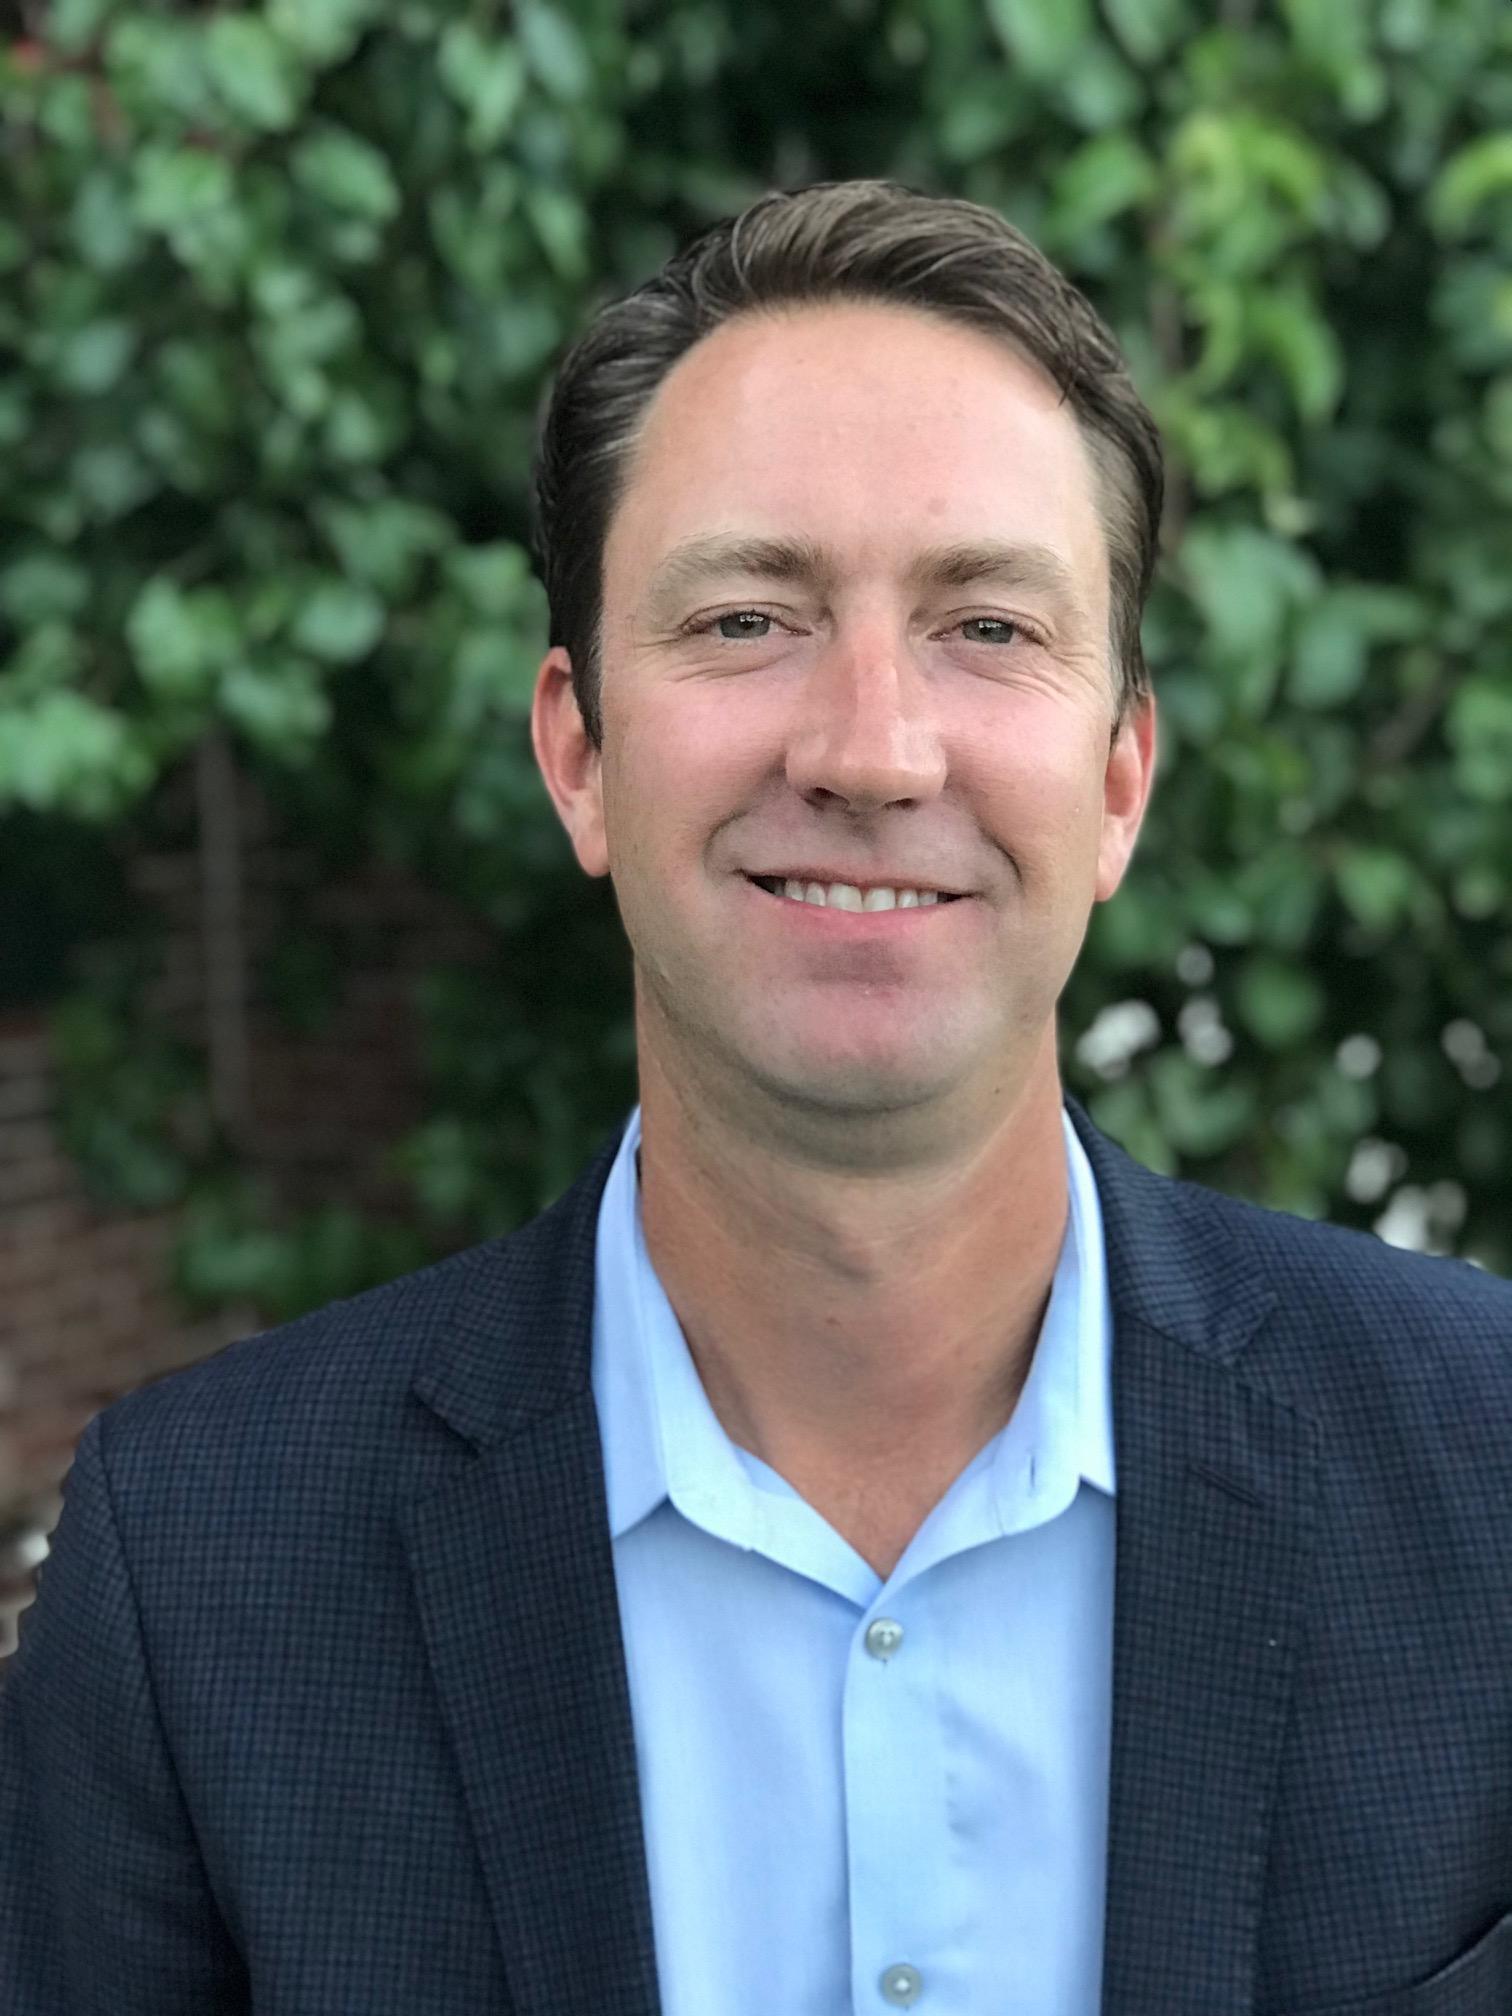 Matt Keillor